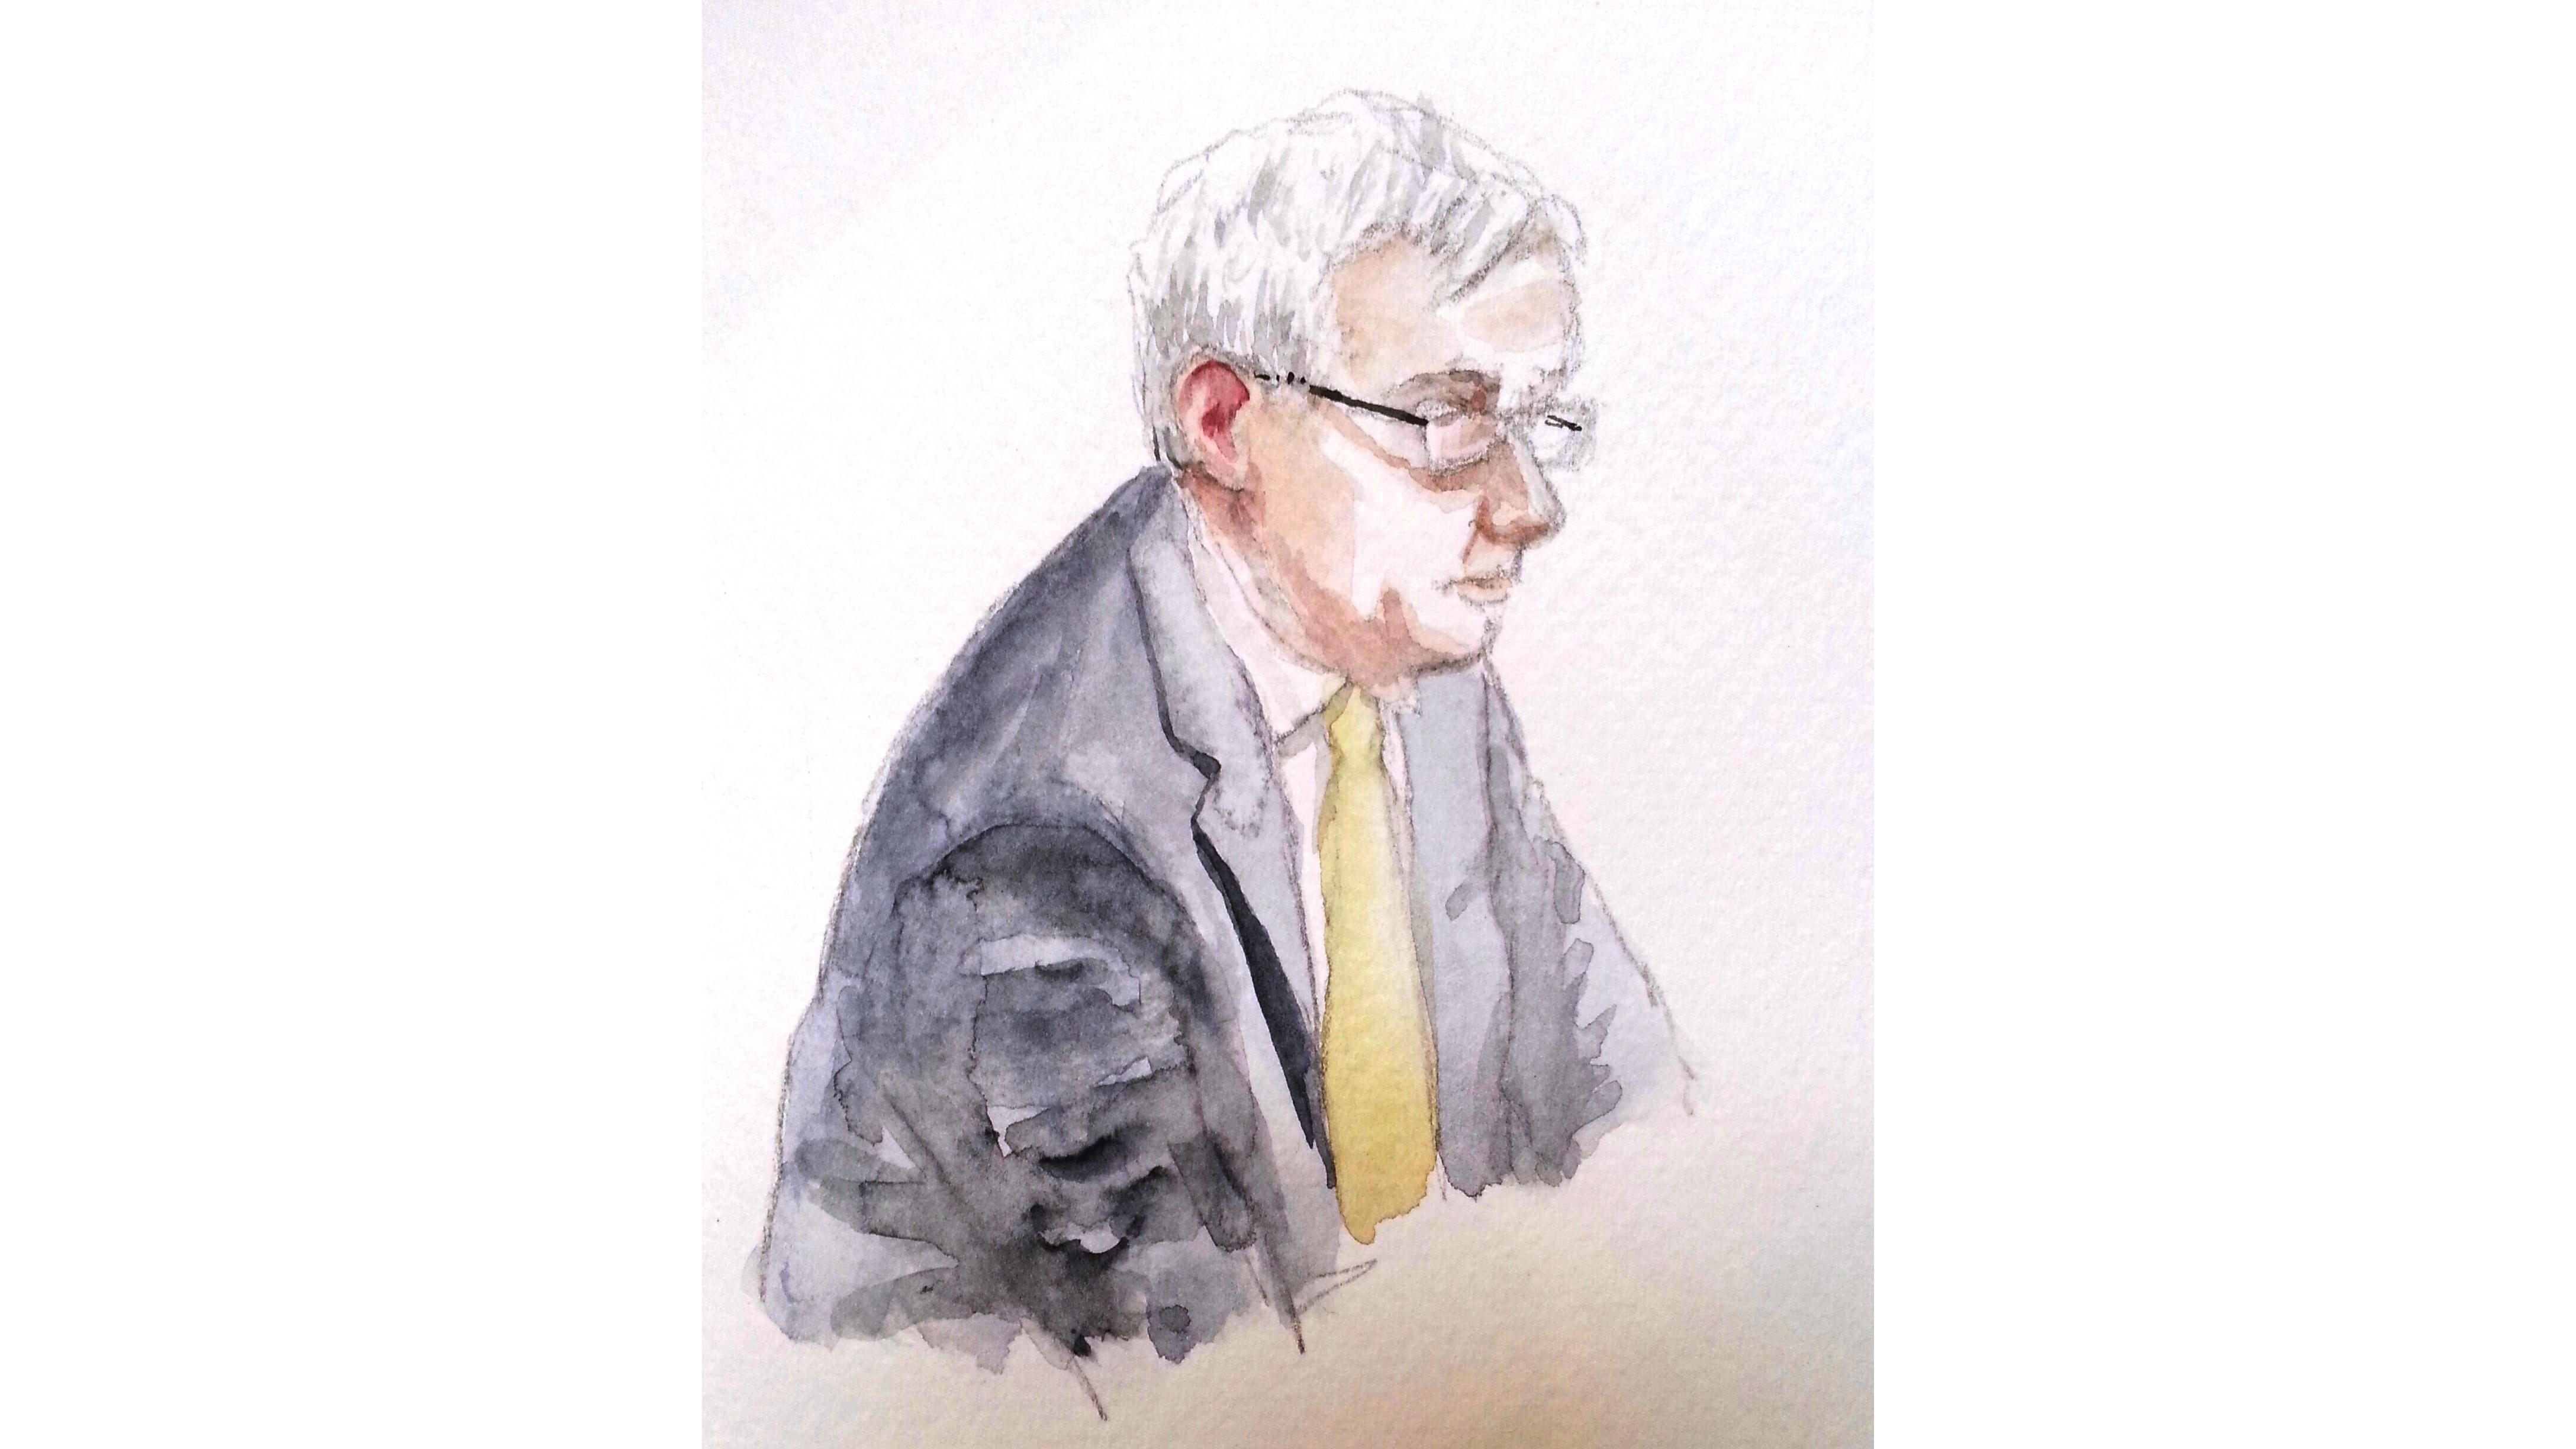 Zeuge Hartmut Pauland bei seiner Aussage. Zeichnung: Stella Schiffczyk. Alle Rechte vorbehalten.